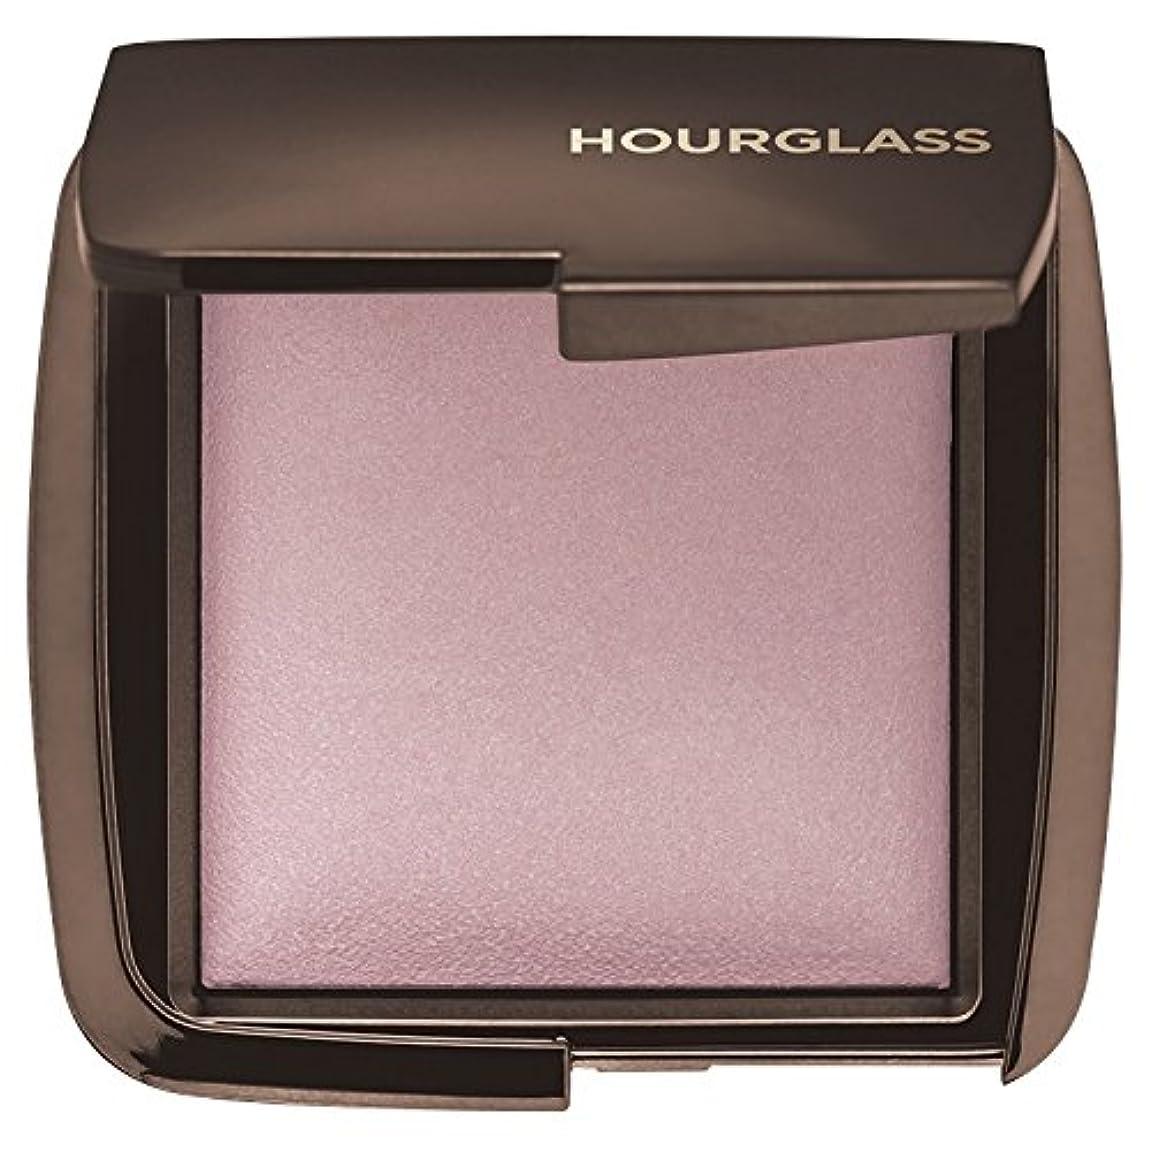 バスルーム指導する通常砂時計の周囲光粉末気分シアーラベンダーピンク (Hourglass) (x6) - Hourglass Ambient Light Powder Mood Sheer Lavender Pink (Pack of 6) [並行輸入品]